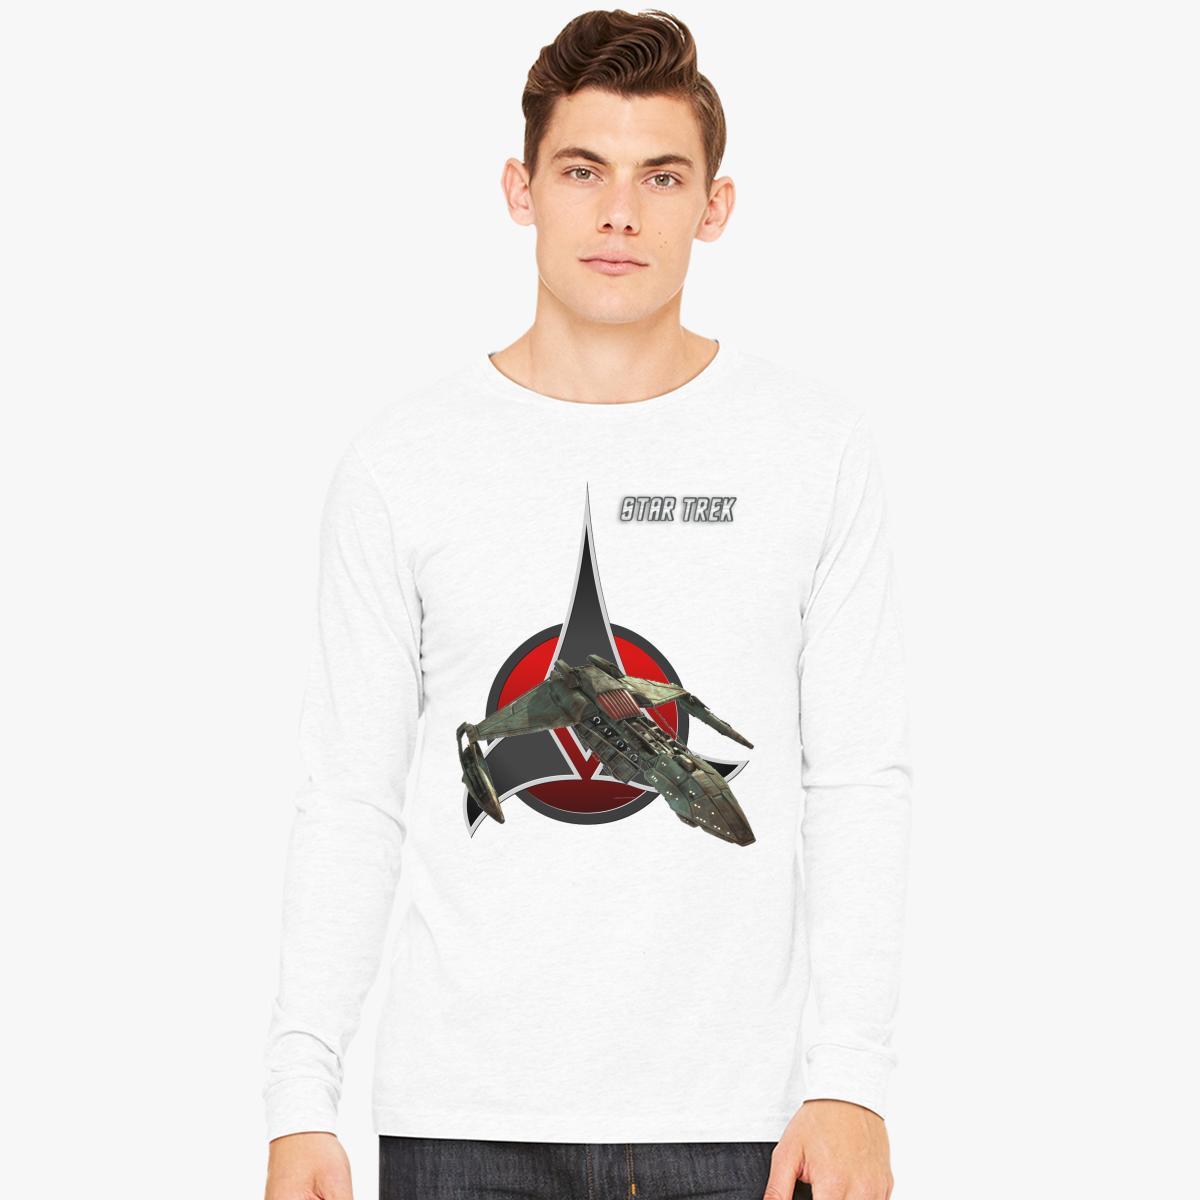 Klingon Pesce Manica Lunga T-shirt sWpPDR3ky